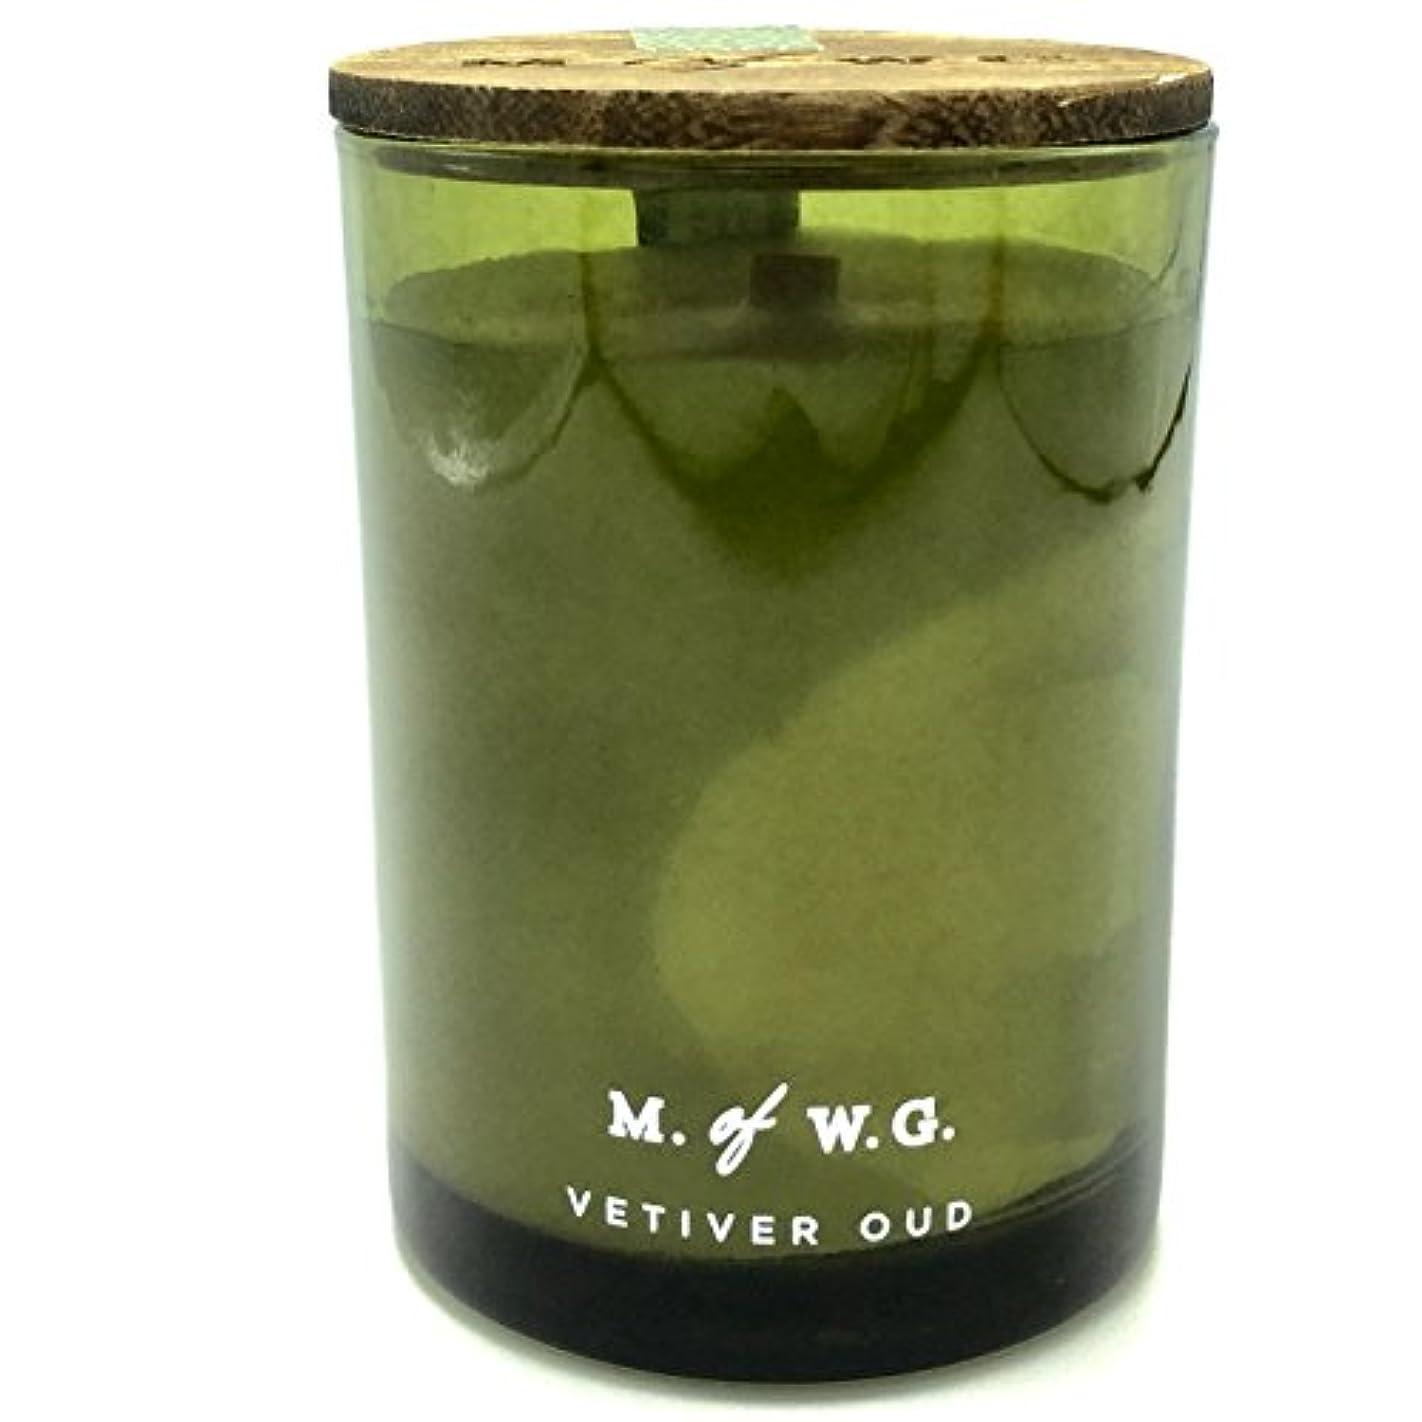 質素な理論的マガジンMakersワックスのGoods Vetiver Oud Wood Wick Scented Candle